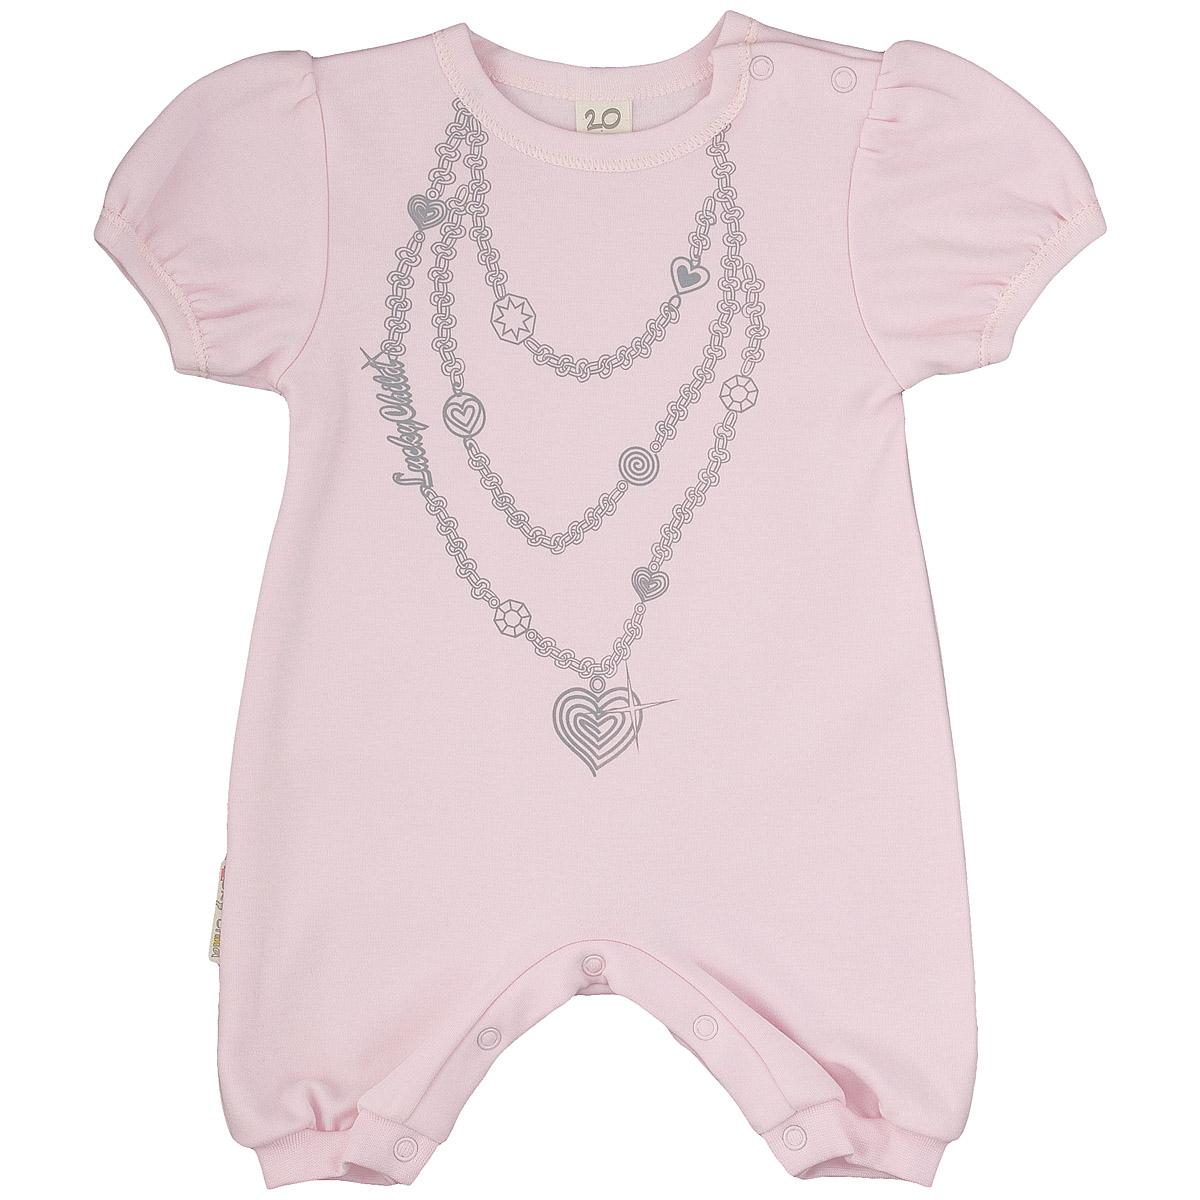 Боди/песочник2-28Песочник для новорожденной девочки Lucky Child с короткими рукавами-фонариками послужит идеальным дополнением к гардеробу вашей малышки, обеспечивая ей наибольший комфорт. Изготовленный из интерлока - натурального хлопка, он необычайно мягкий и легкий, не раздражает нежную кожу ребенка и хорошо вентилируется, а эластичные швы приятны телу малышки и не препятствуют ее движениям. Удобные застежки-кнопки по плечу и на ластовице помогают легко переодеть младенца или сменить подгузник. Спереди модель оформлена оригинальным притом, имитирующим цепочки с украшениями. Песочник полностью соответствует особенностям жизни ребенка в ранний период, не стесняя и не ограничивая его в движениях. В нем ваша малышка всегда будет в центре внимания.